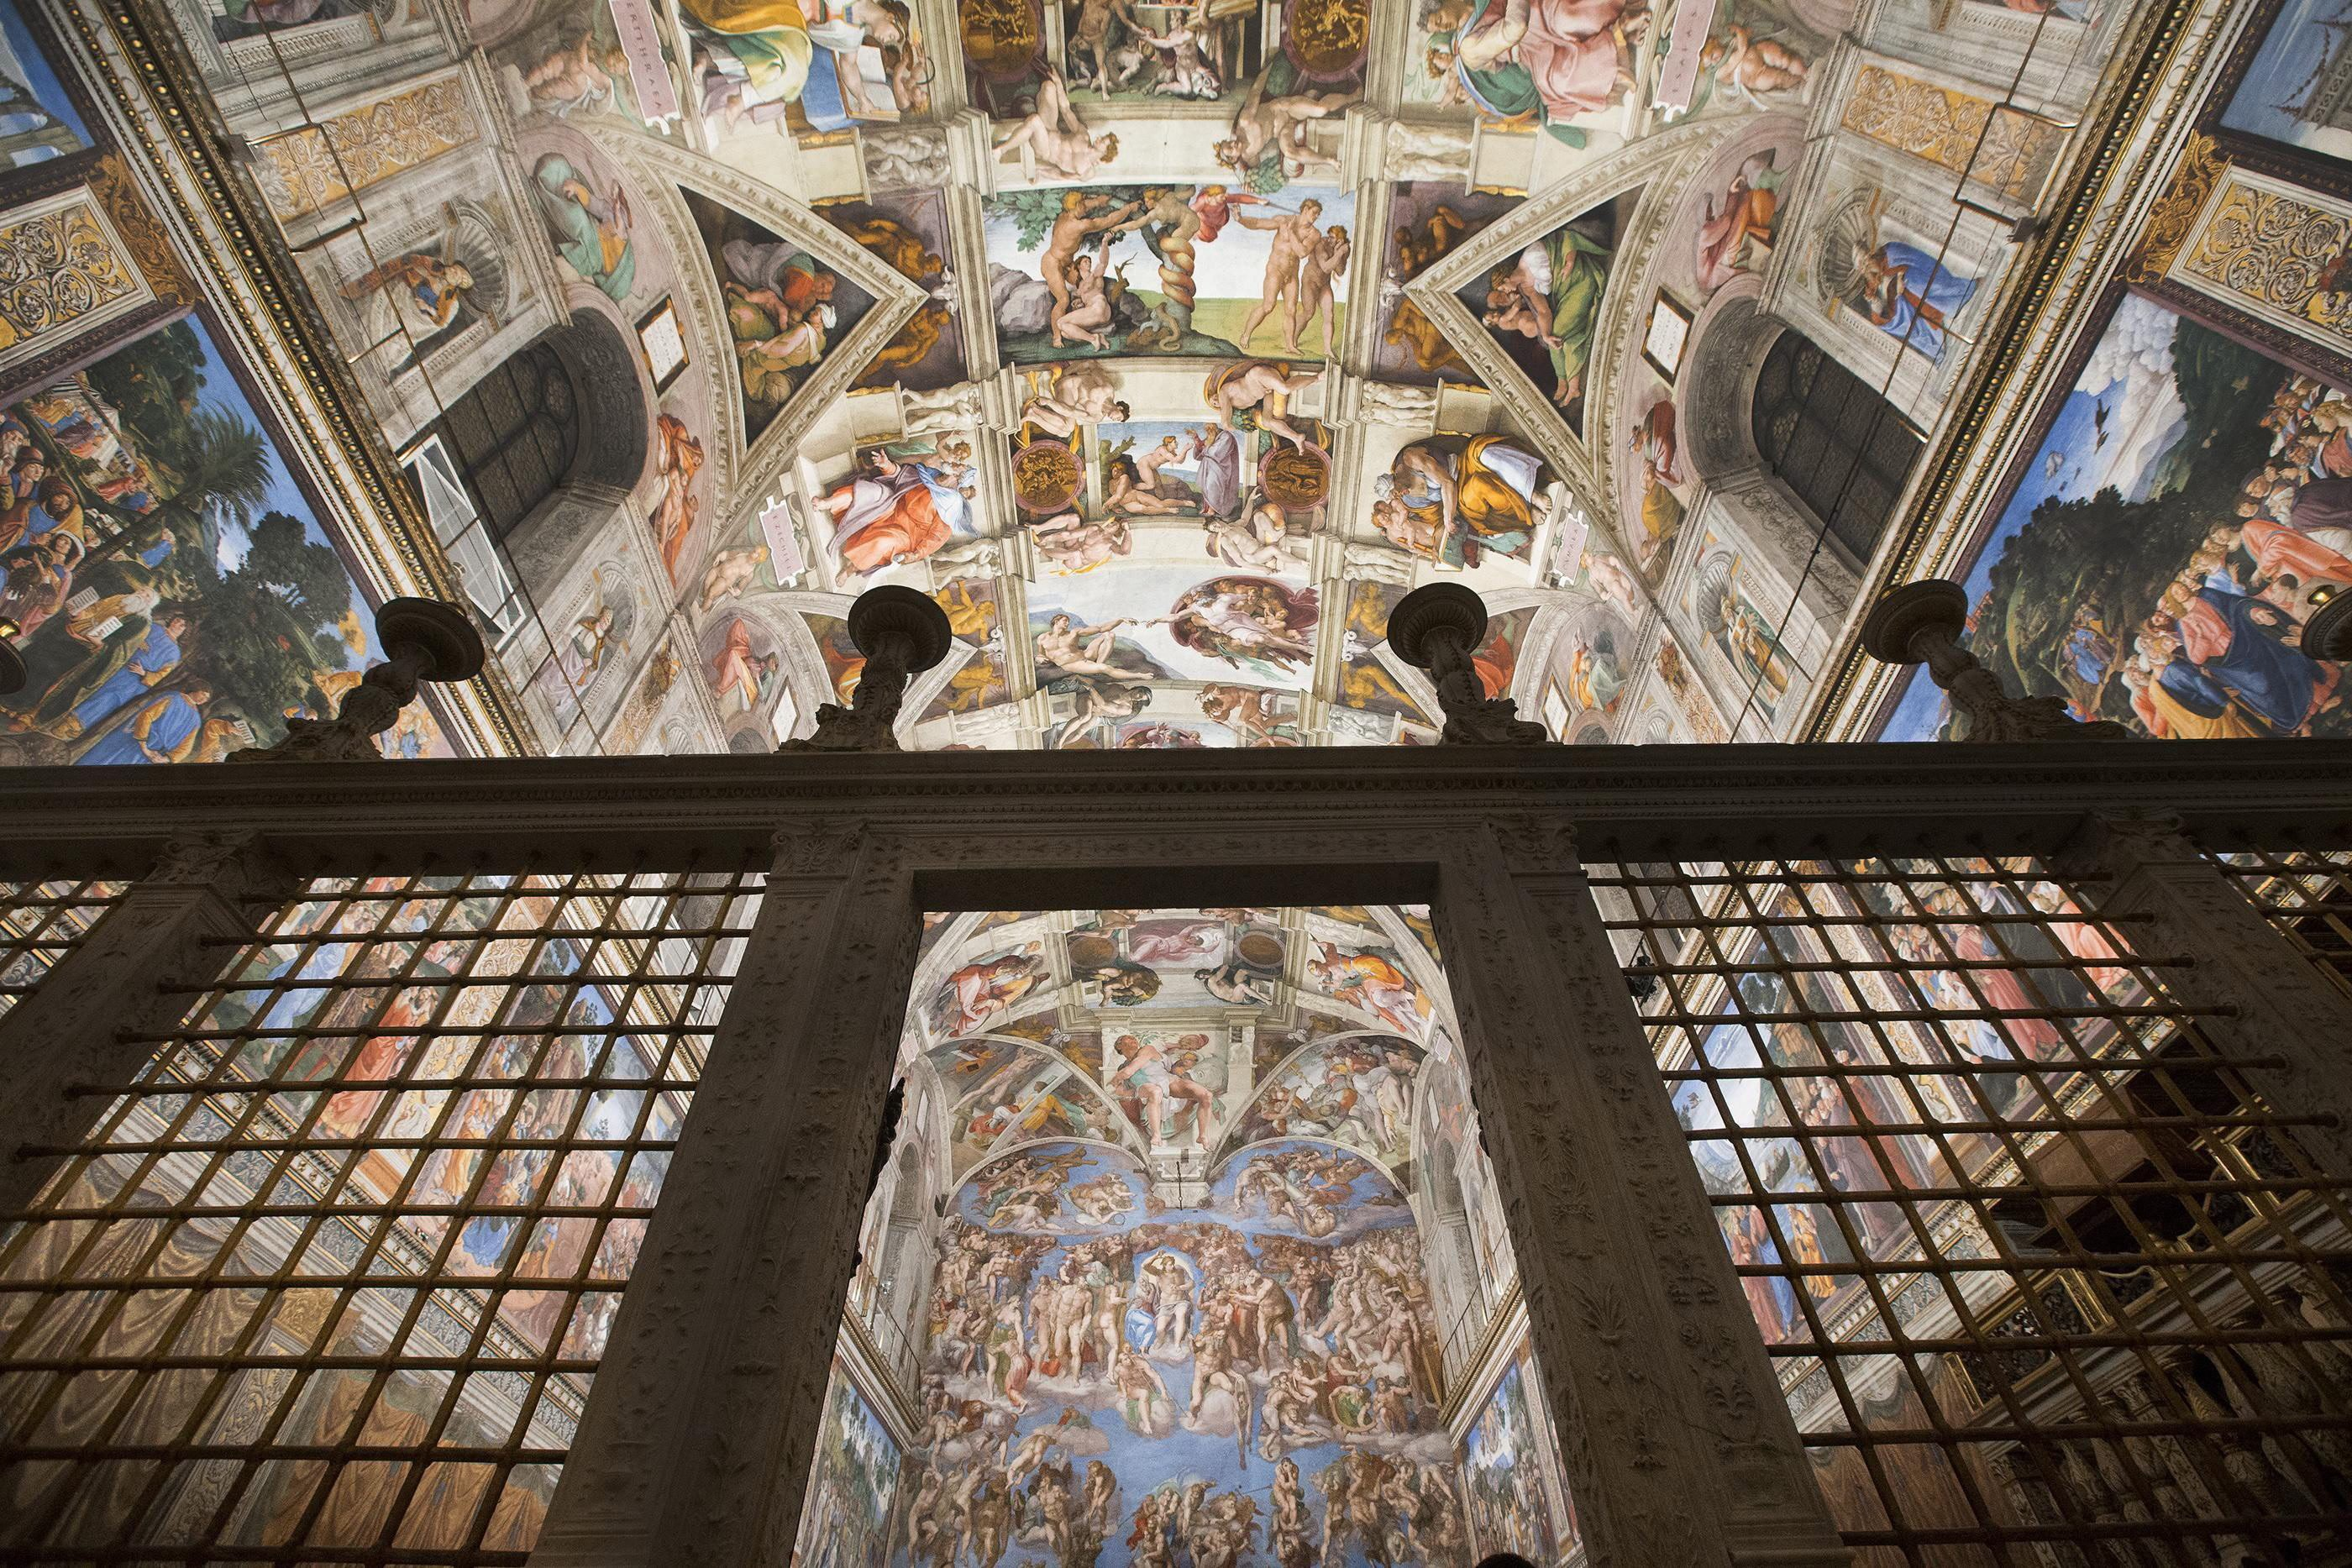 Blick in die Sixtinische Kapelle im Vatikan: Um Schäden an den Fresken Michelangelos durch UV-Strahlen zu verhindern, wurde die Kapelle mit 7000 LEDs ausgestattet, die das Licht rekonstruieren, das zur Zeit Michelangelos herrschte – ohne UV-Strahlen.